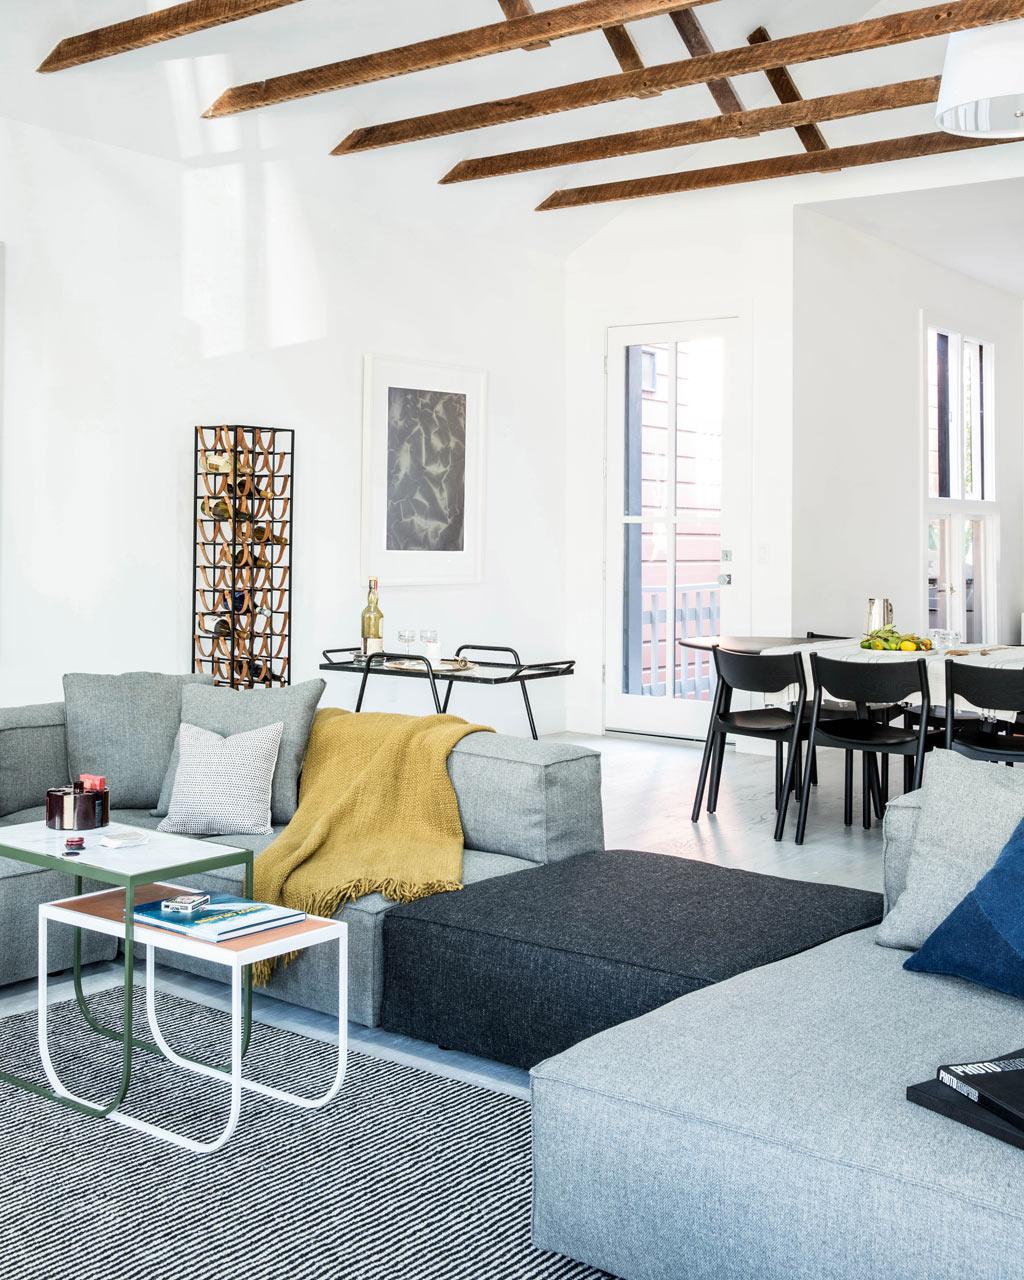 Geremia-Design-21st-Street-Residence-3